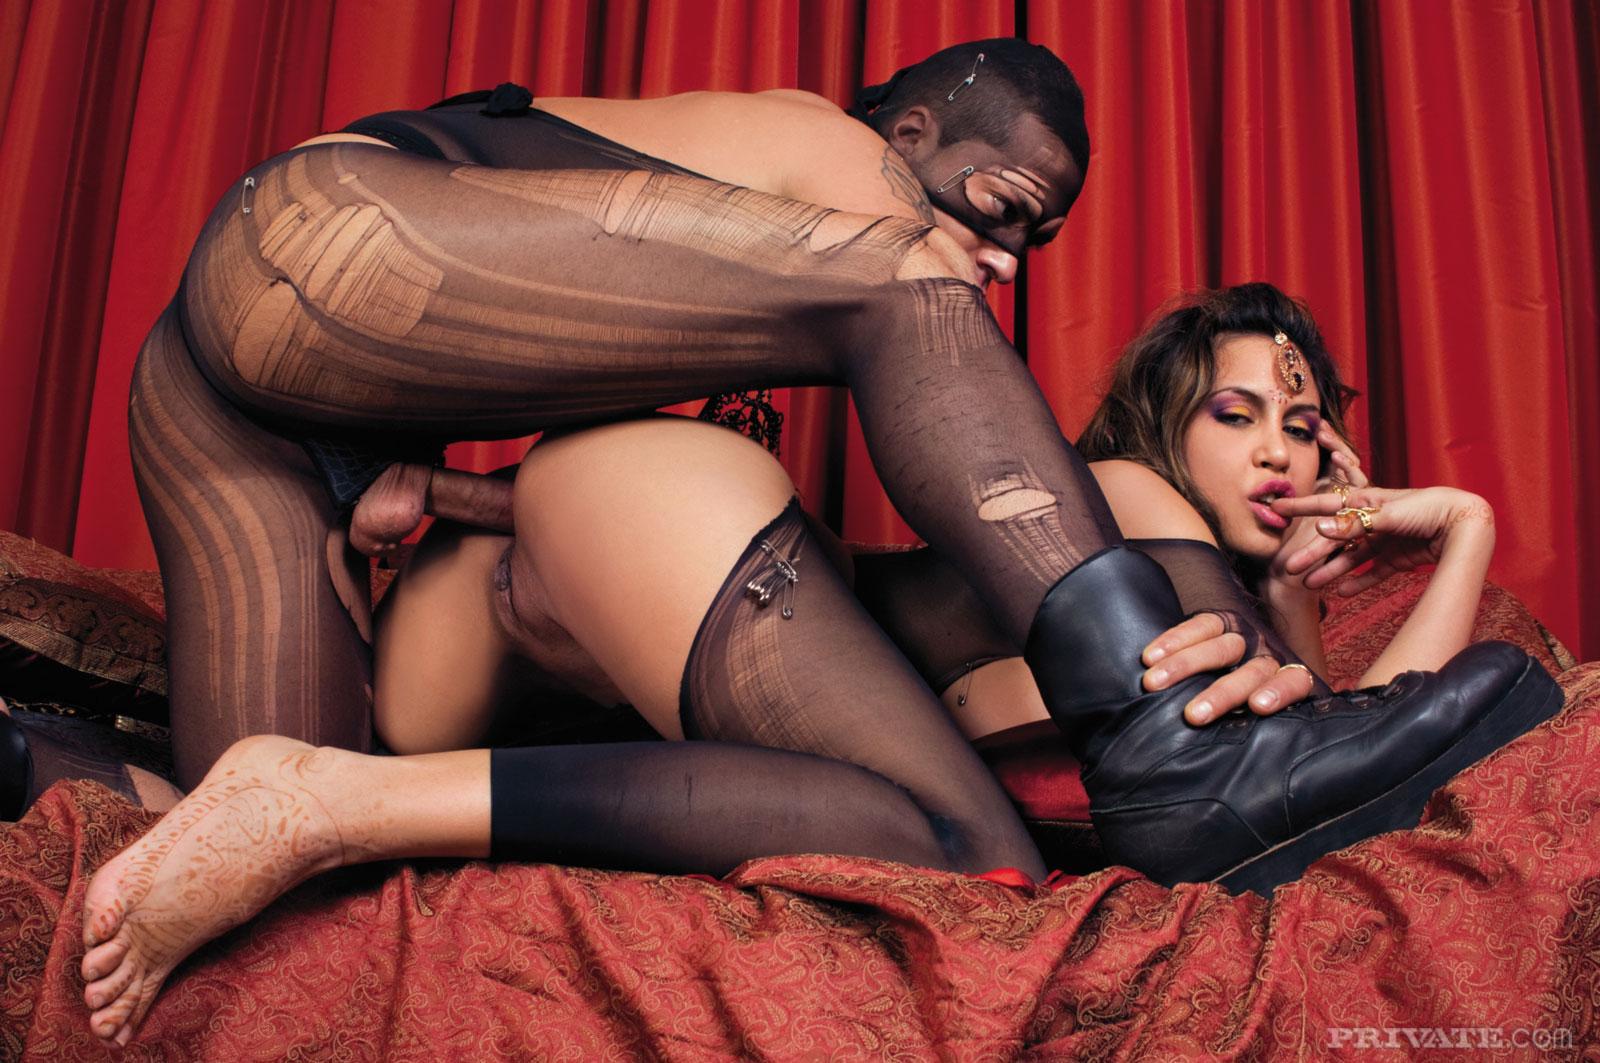 клубе женщины дают мужикам в чулках что сексуальные прелести